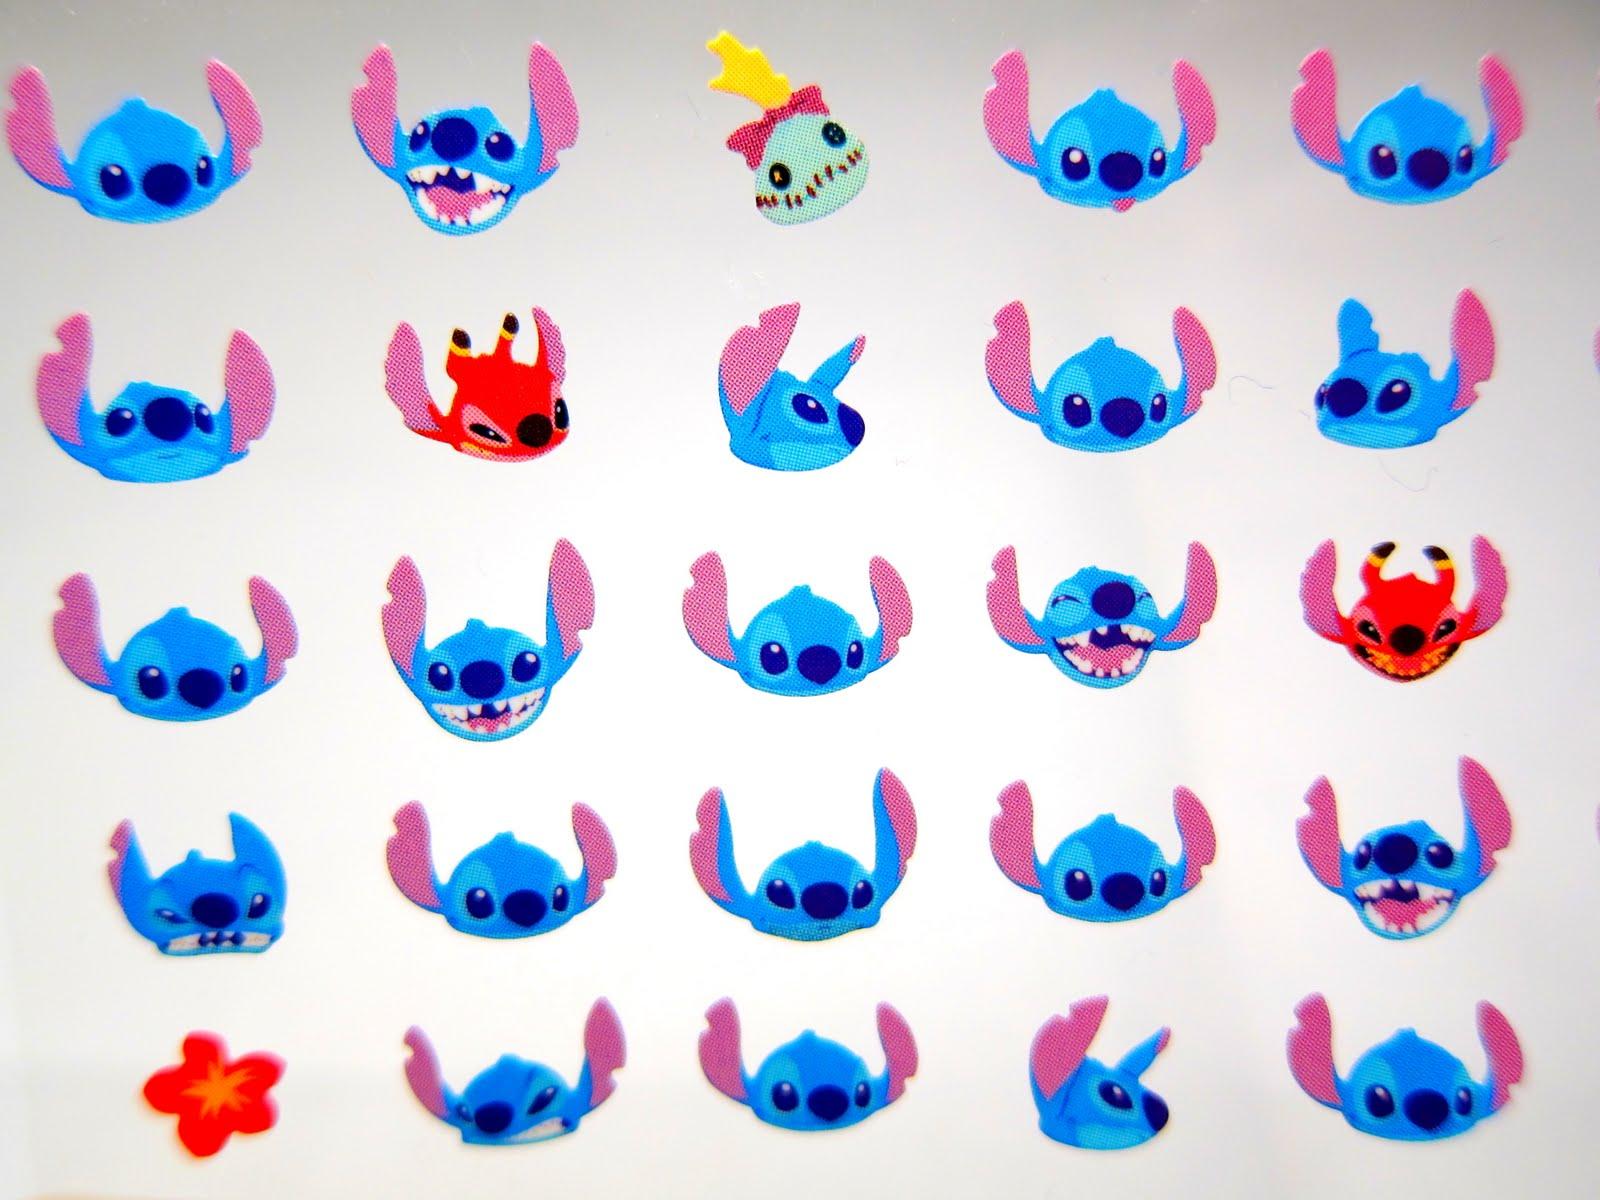 Cutetastic Disney Finds Stitch Expression Stickers